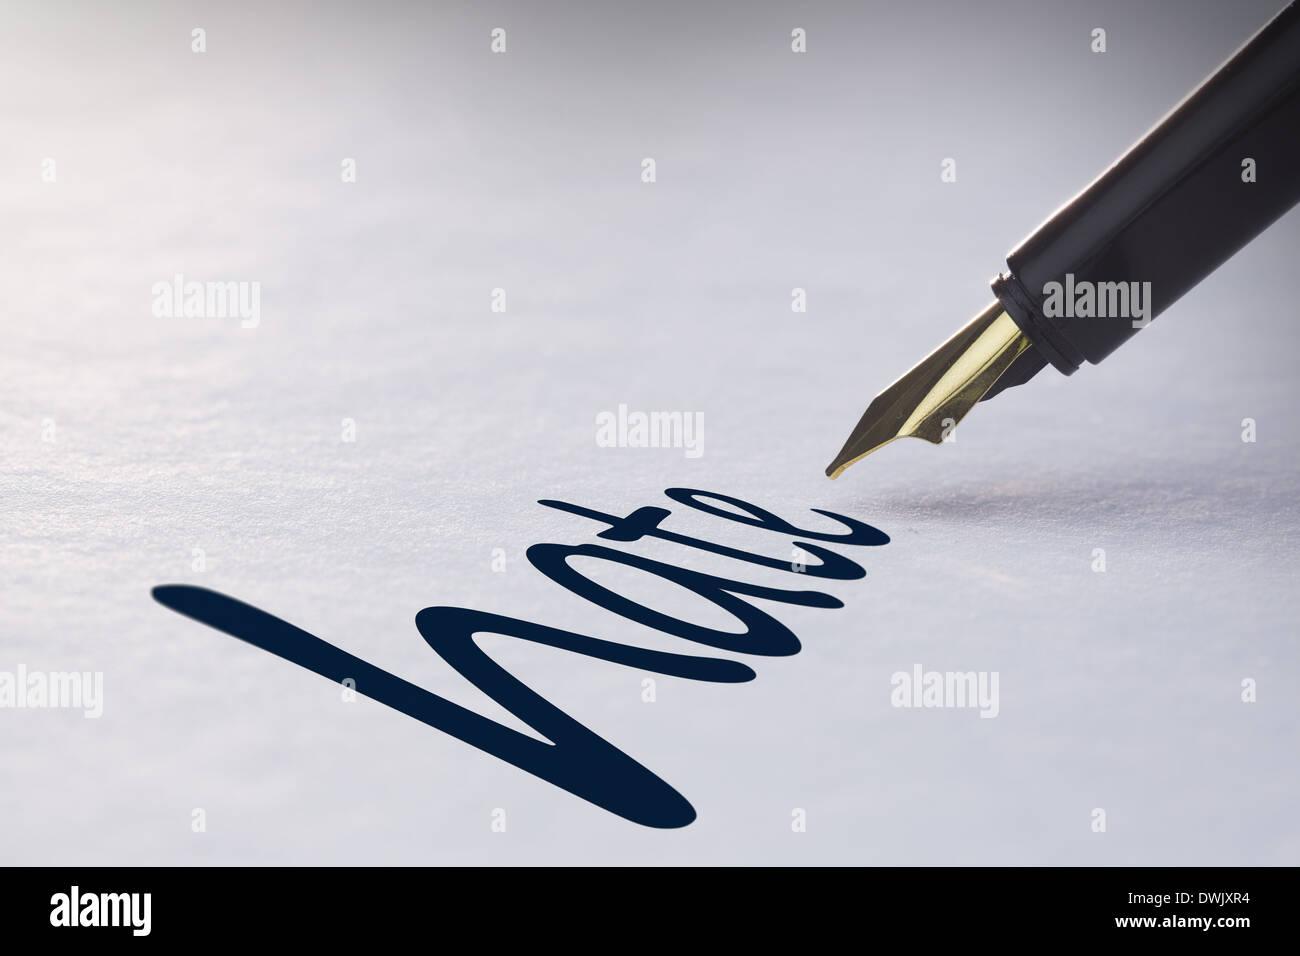 Penna stilografica iscritto odio Immagini Stock